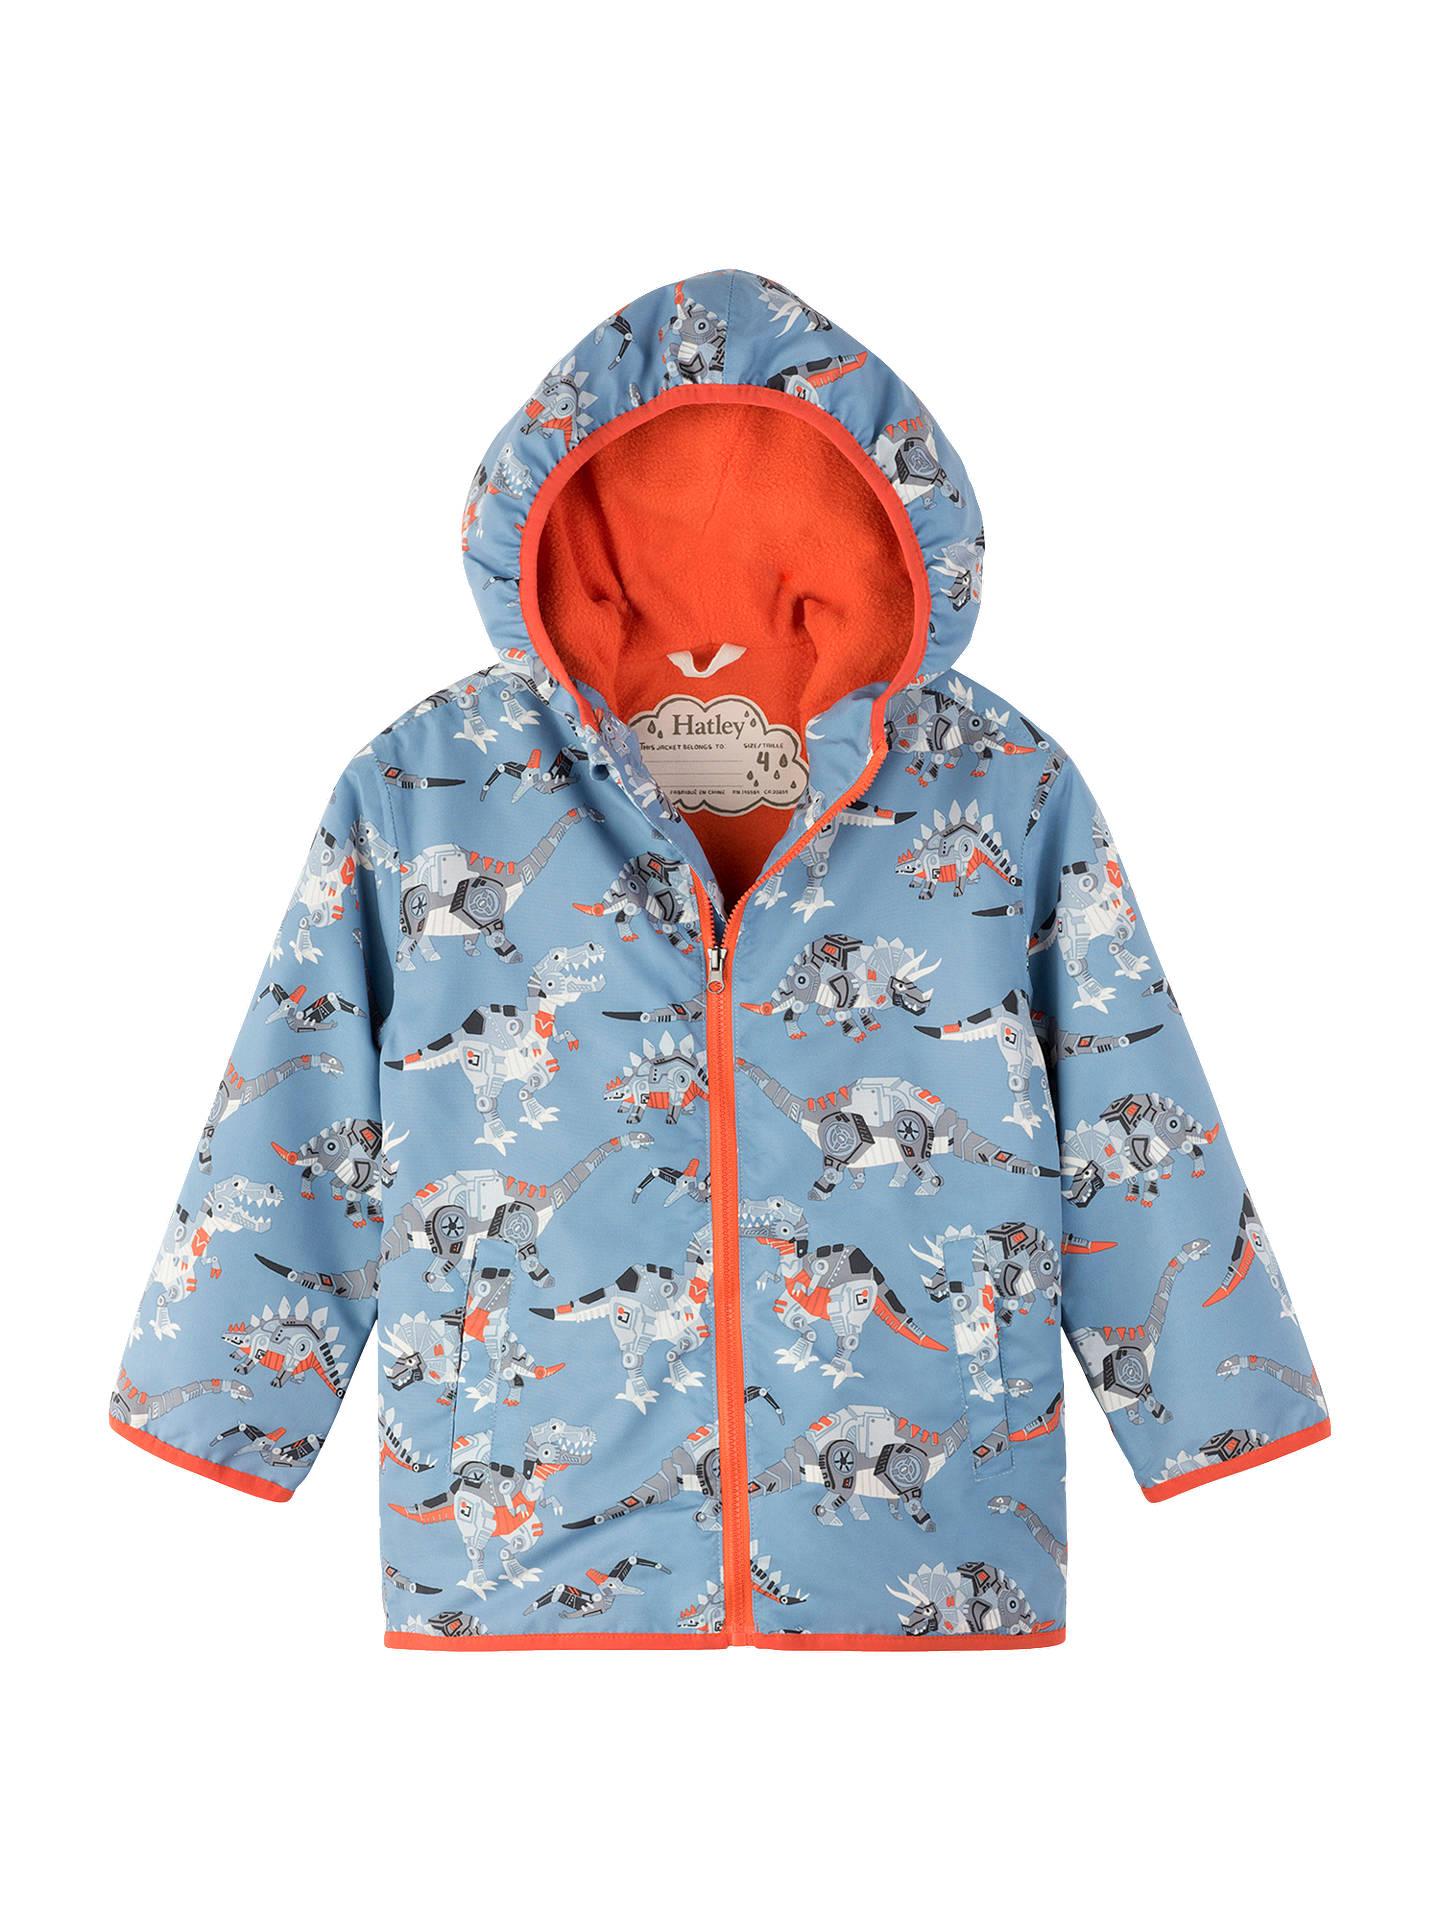 459fe0d09743 Hatley Boys  Robotic Dinosaur Print Rain Jacket